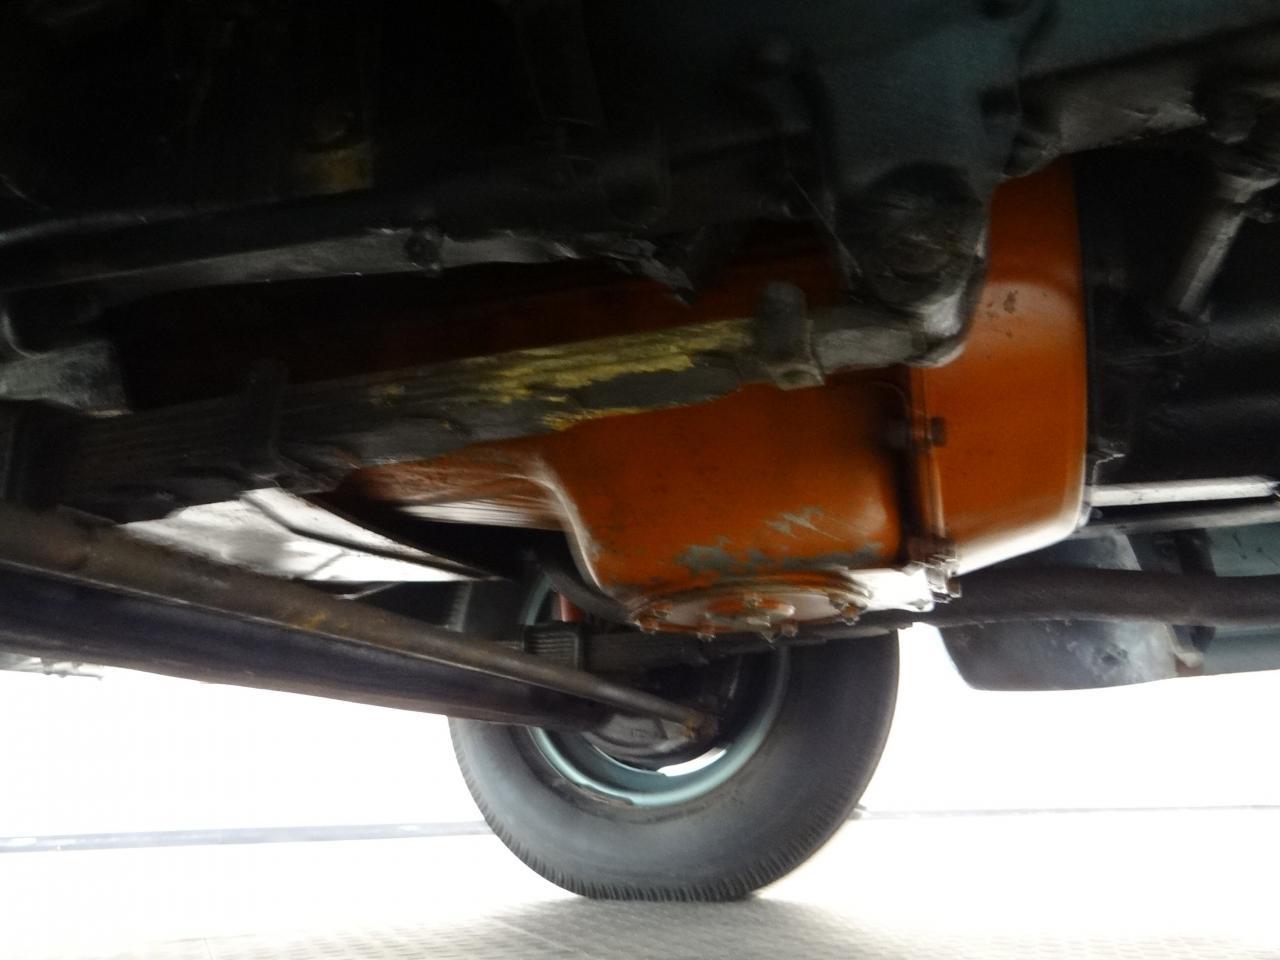 1949 Ford F1 60250 Miles Light Green Truck 226 Cid 6 Cylinder 3 4x4 Pickup Trucks Speed Manual